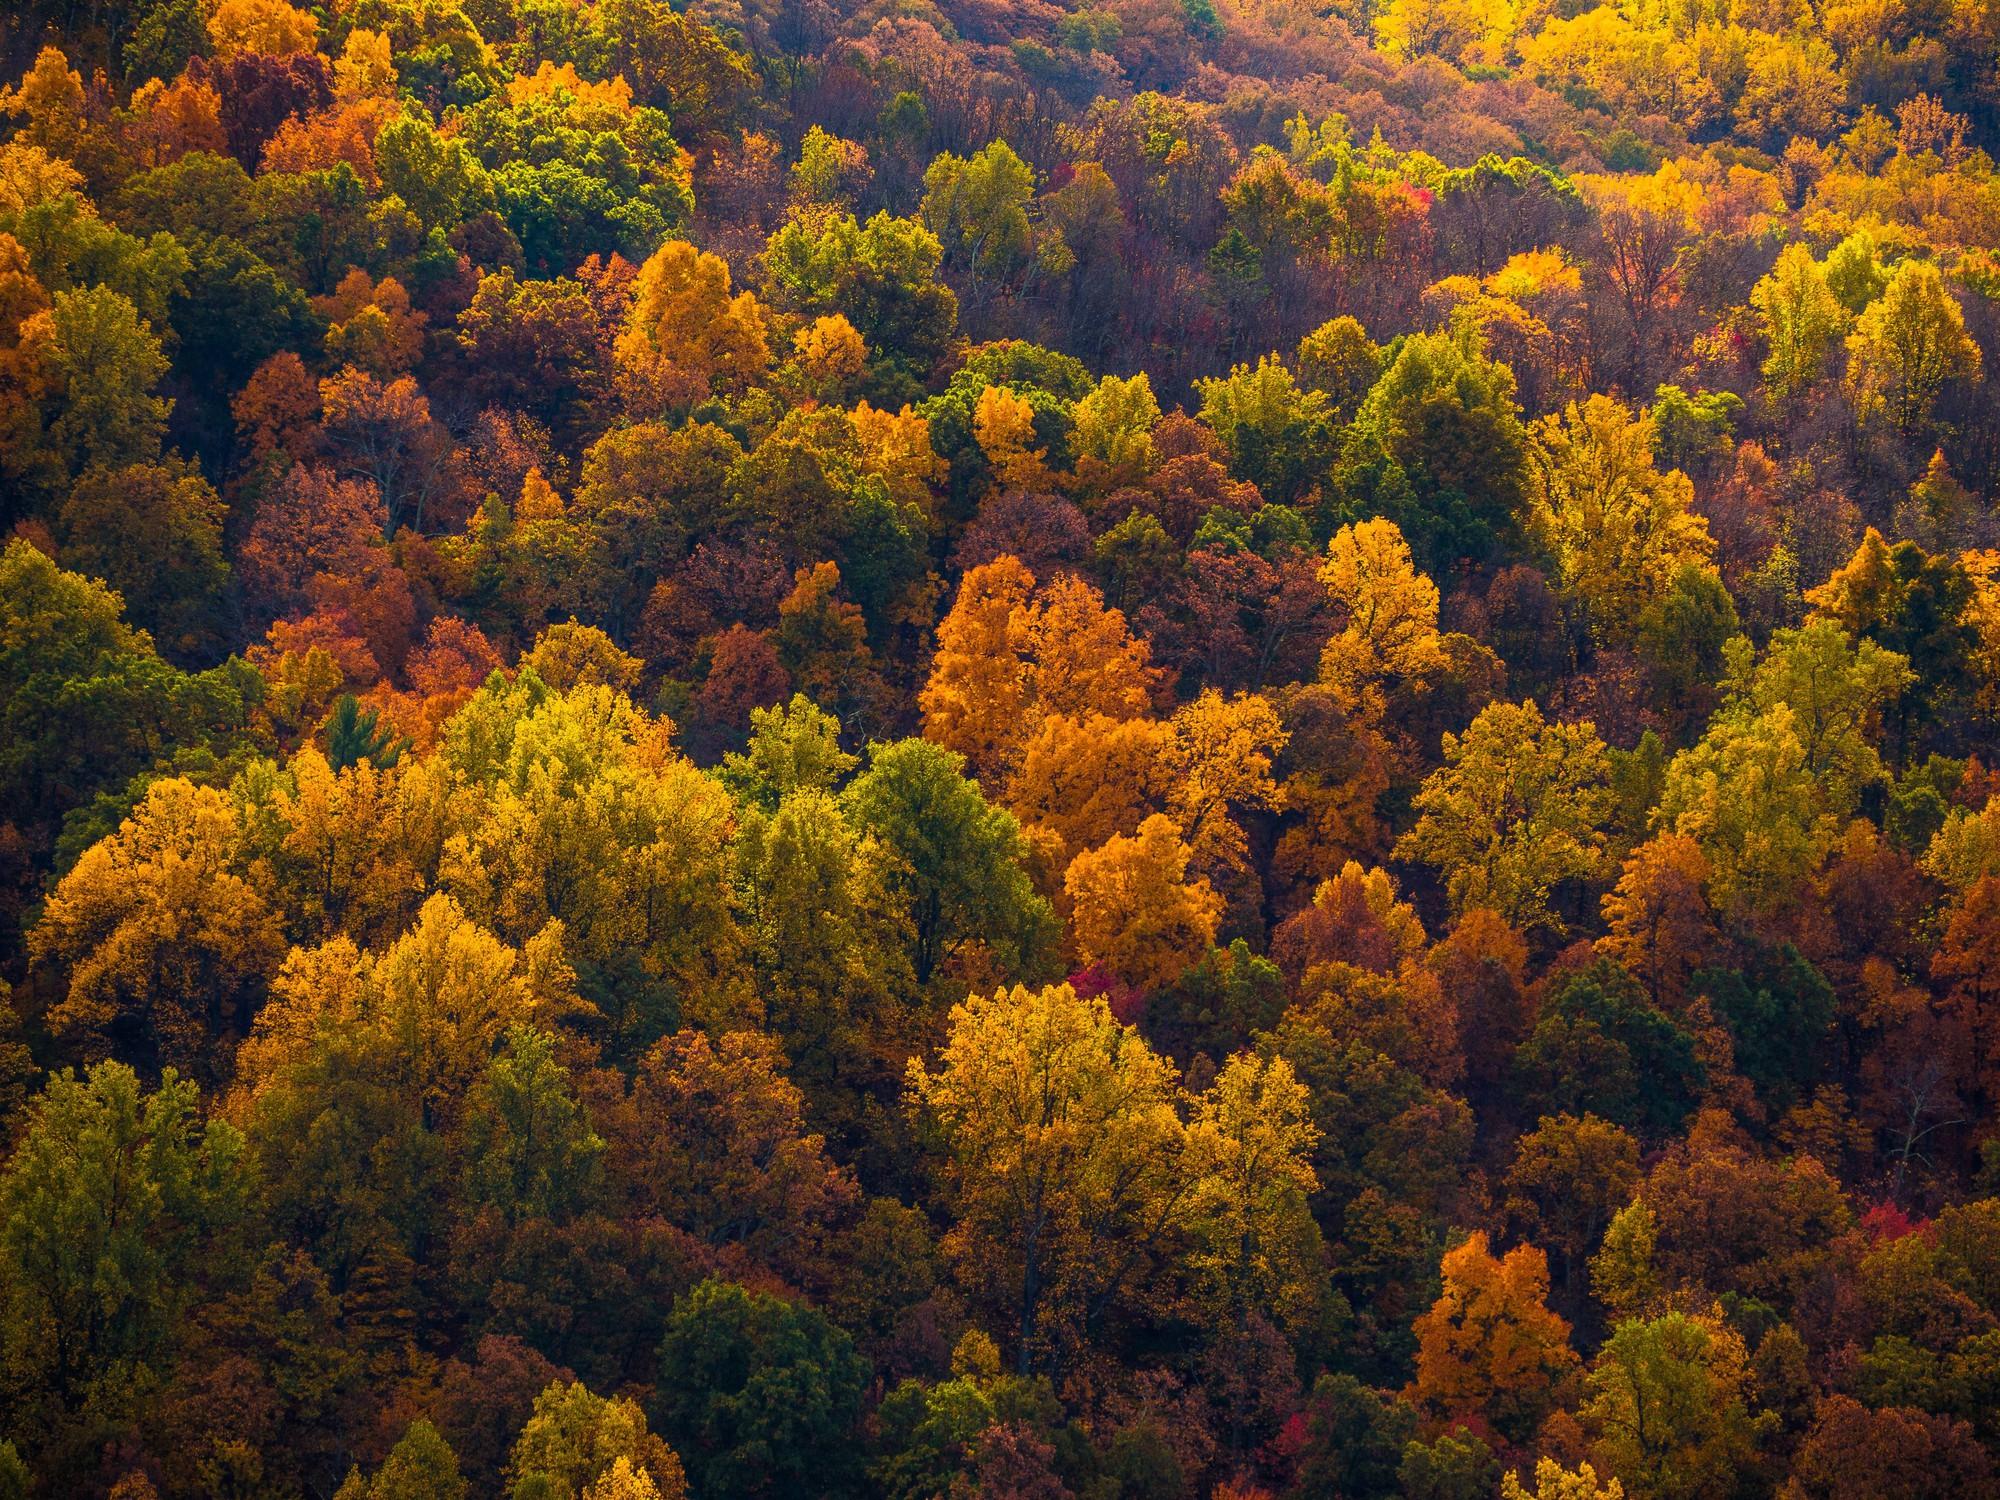 Ngắm phong cảnh đẹp đến ngoạn mục của những khu rừng vào mùa thu - Ảnh 30.